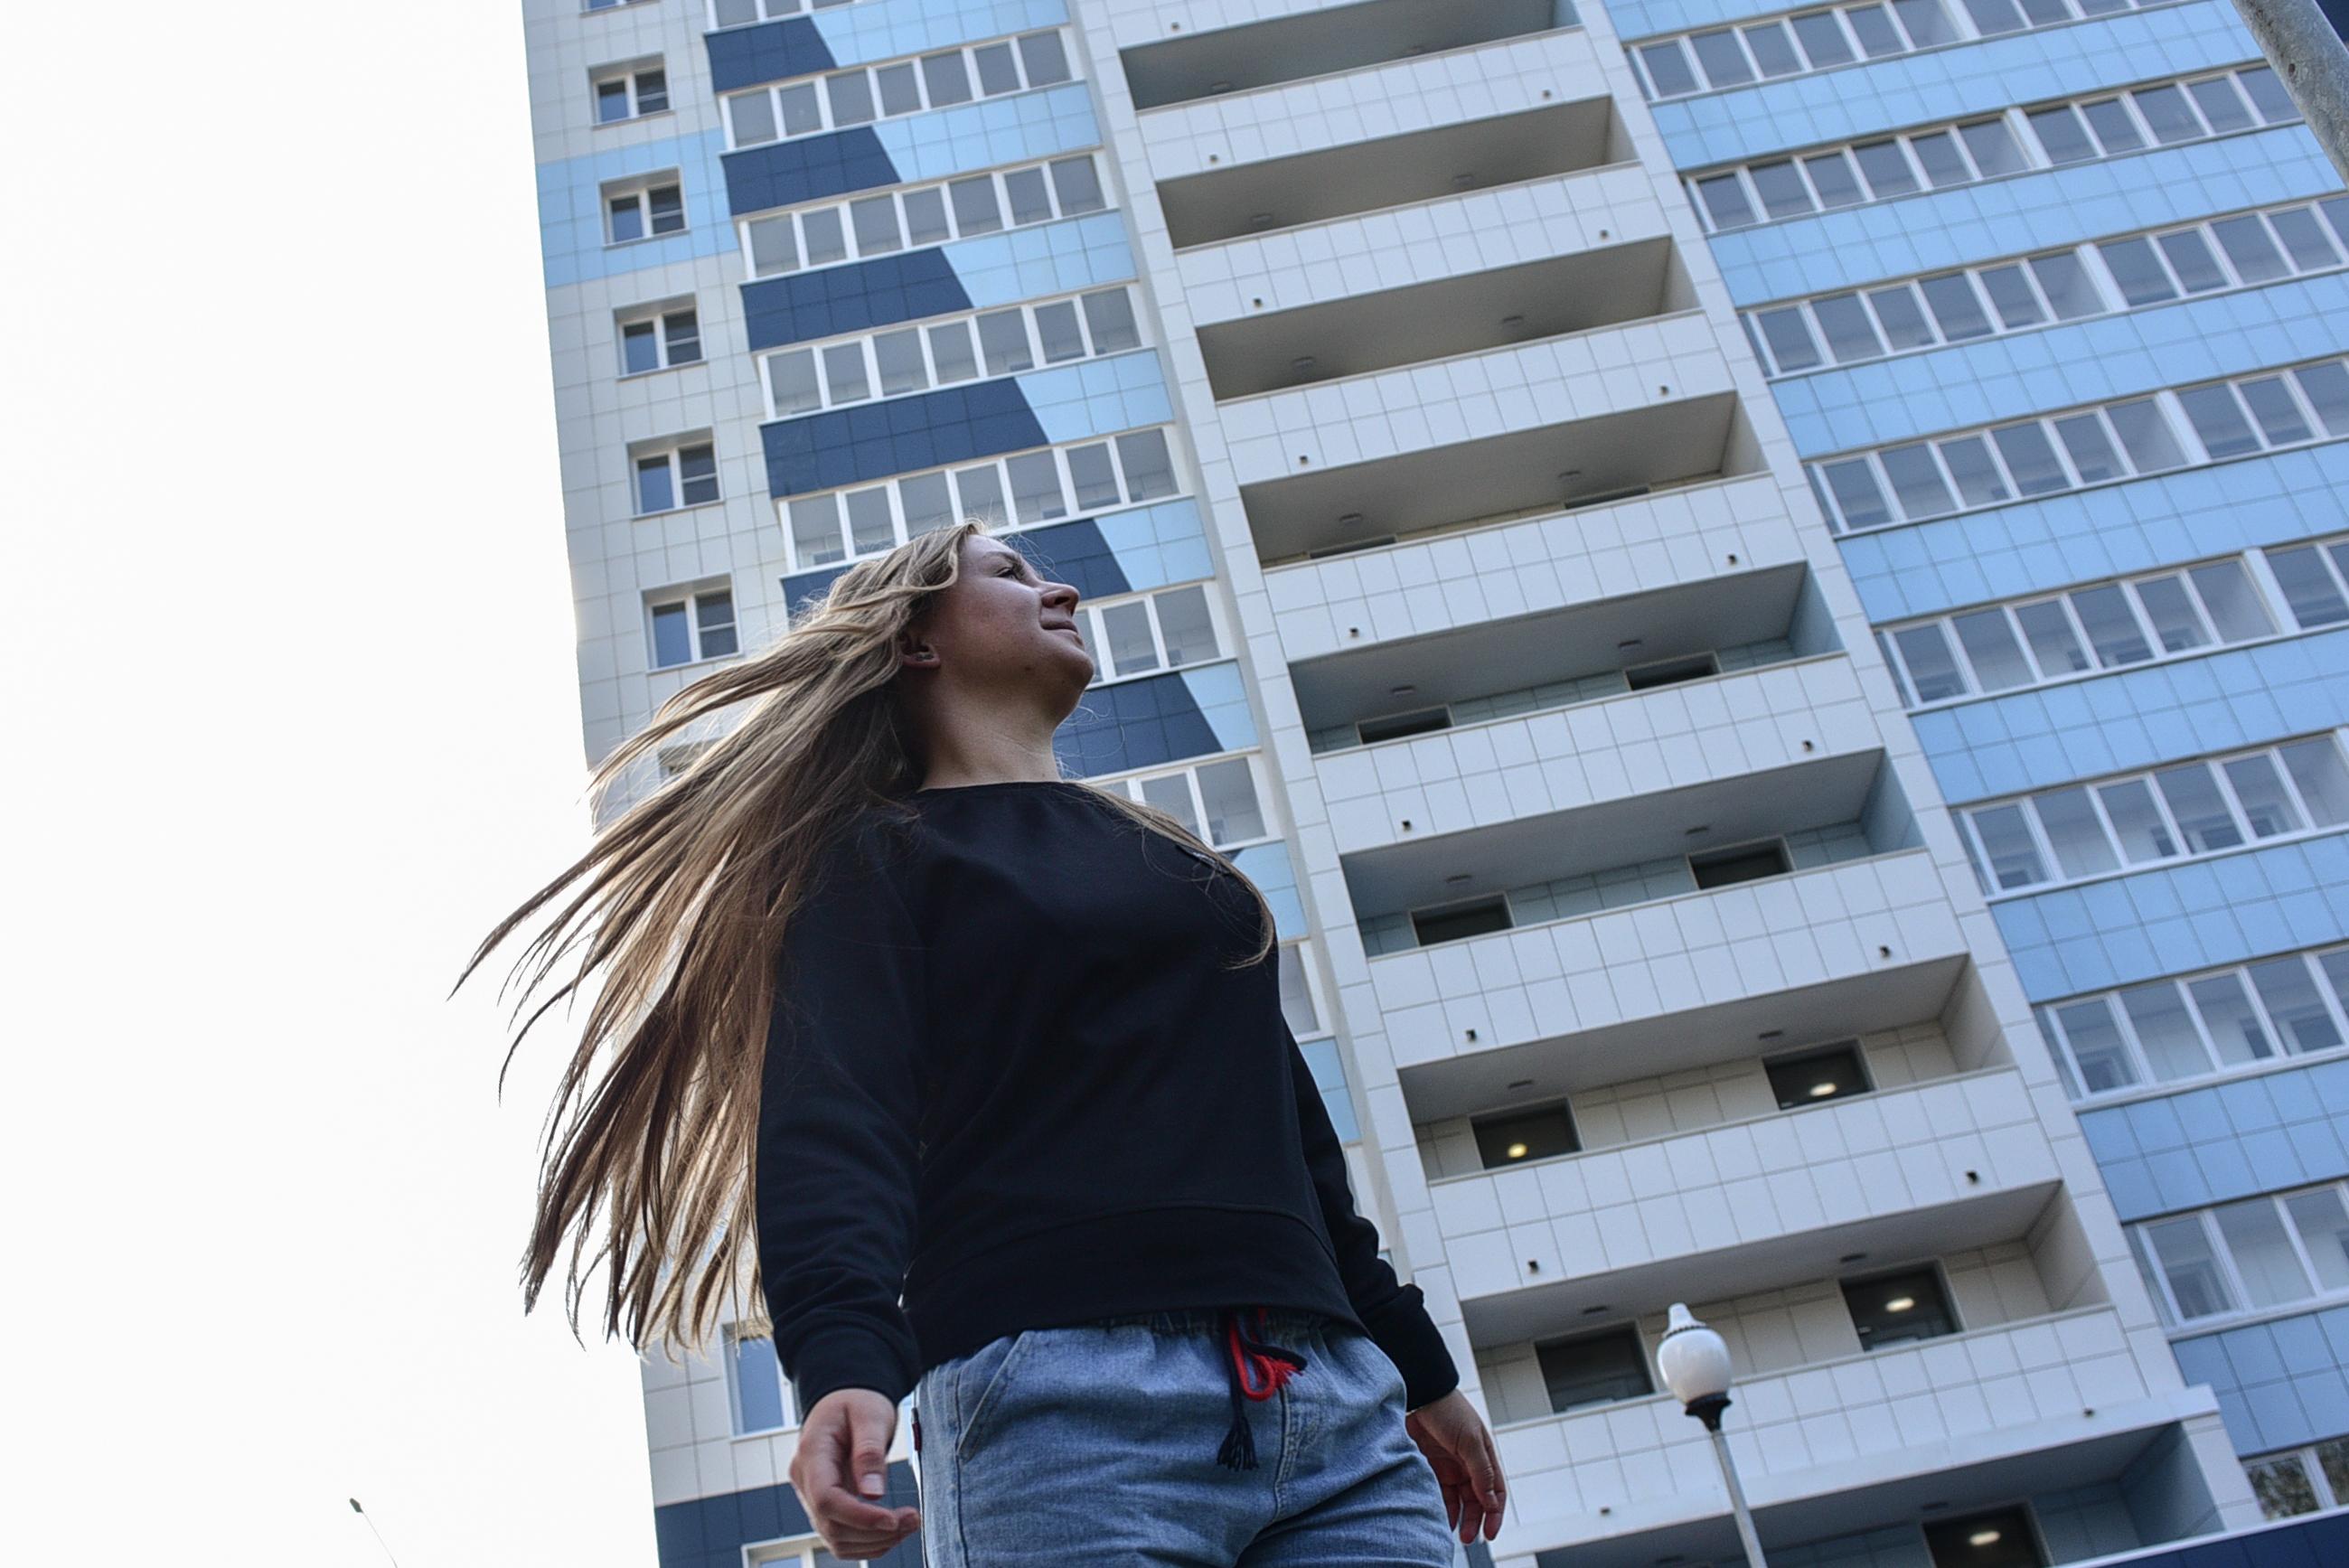 Около 900 тысяч «квадратов» жилья ввели в Новой Москве за полгода